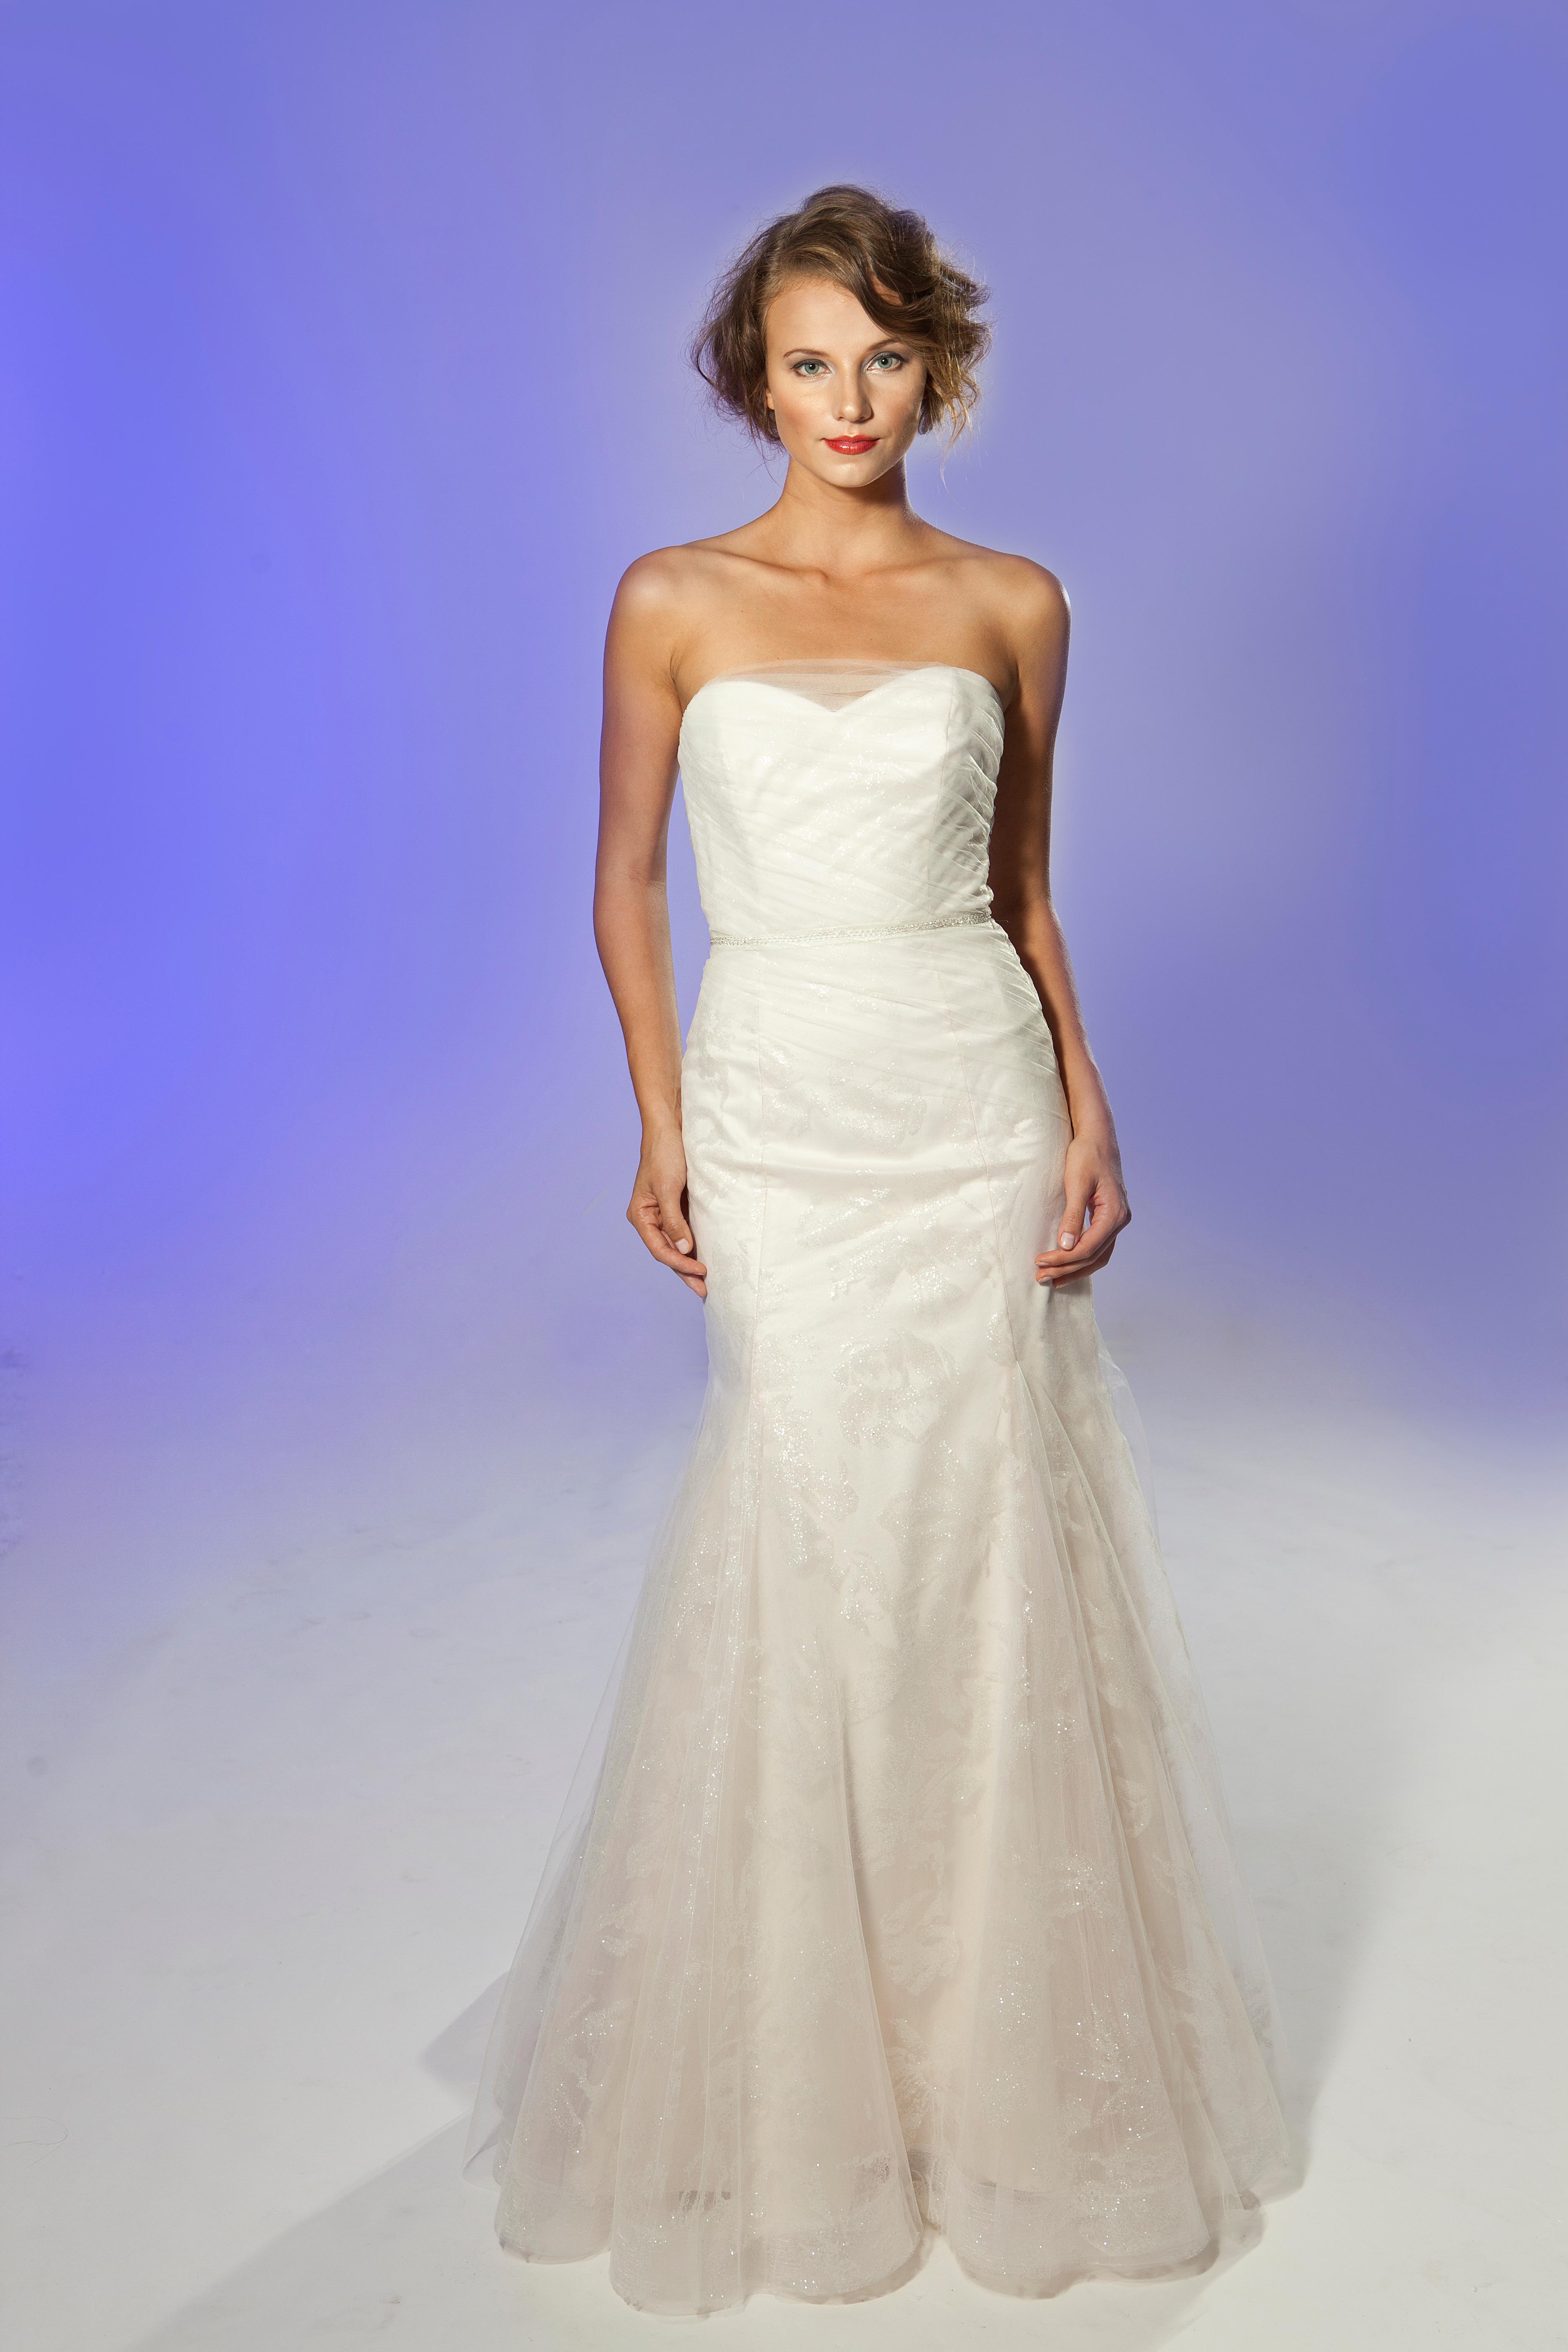 Download game designer dress code free blogsdemo for Wedding dress designer game